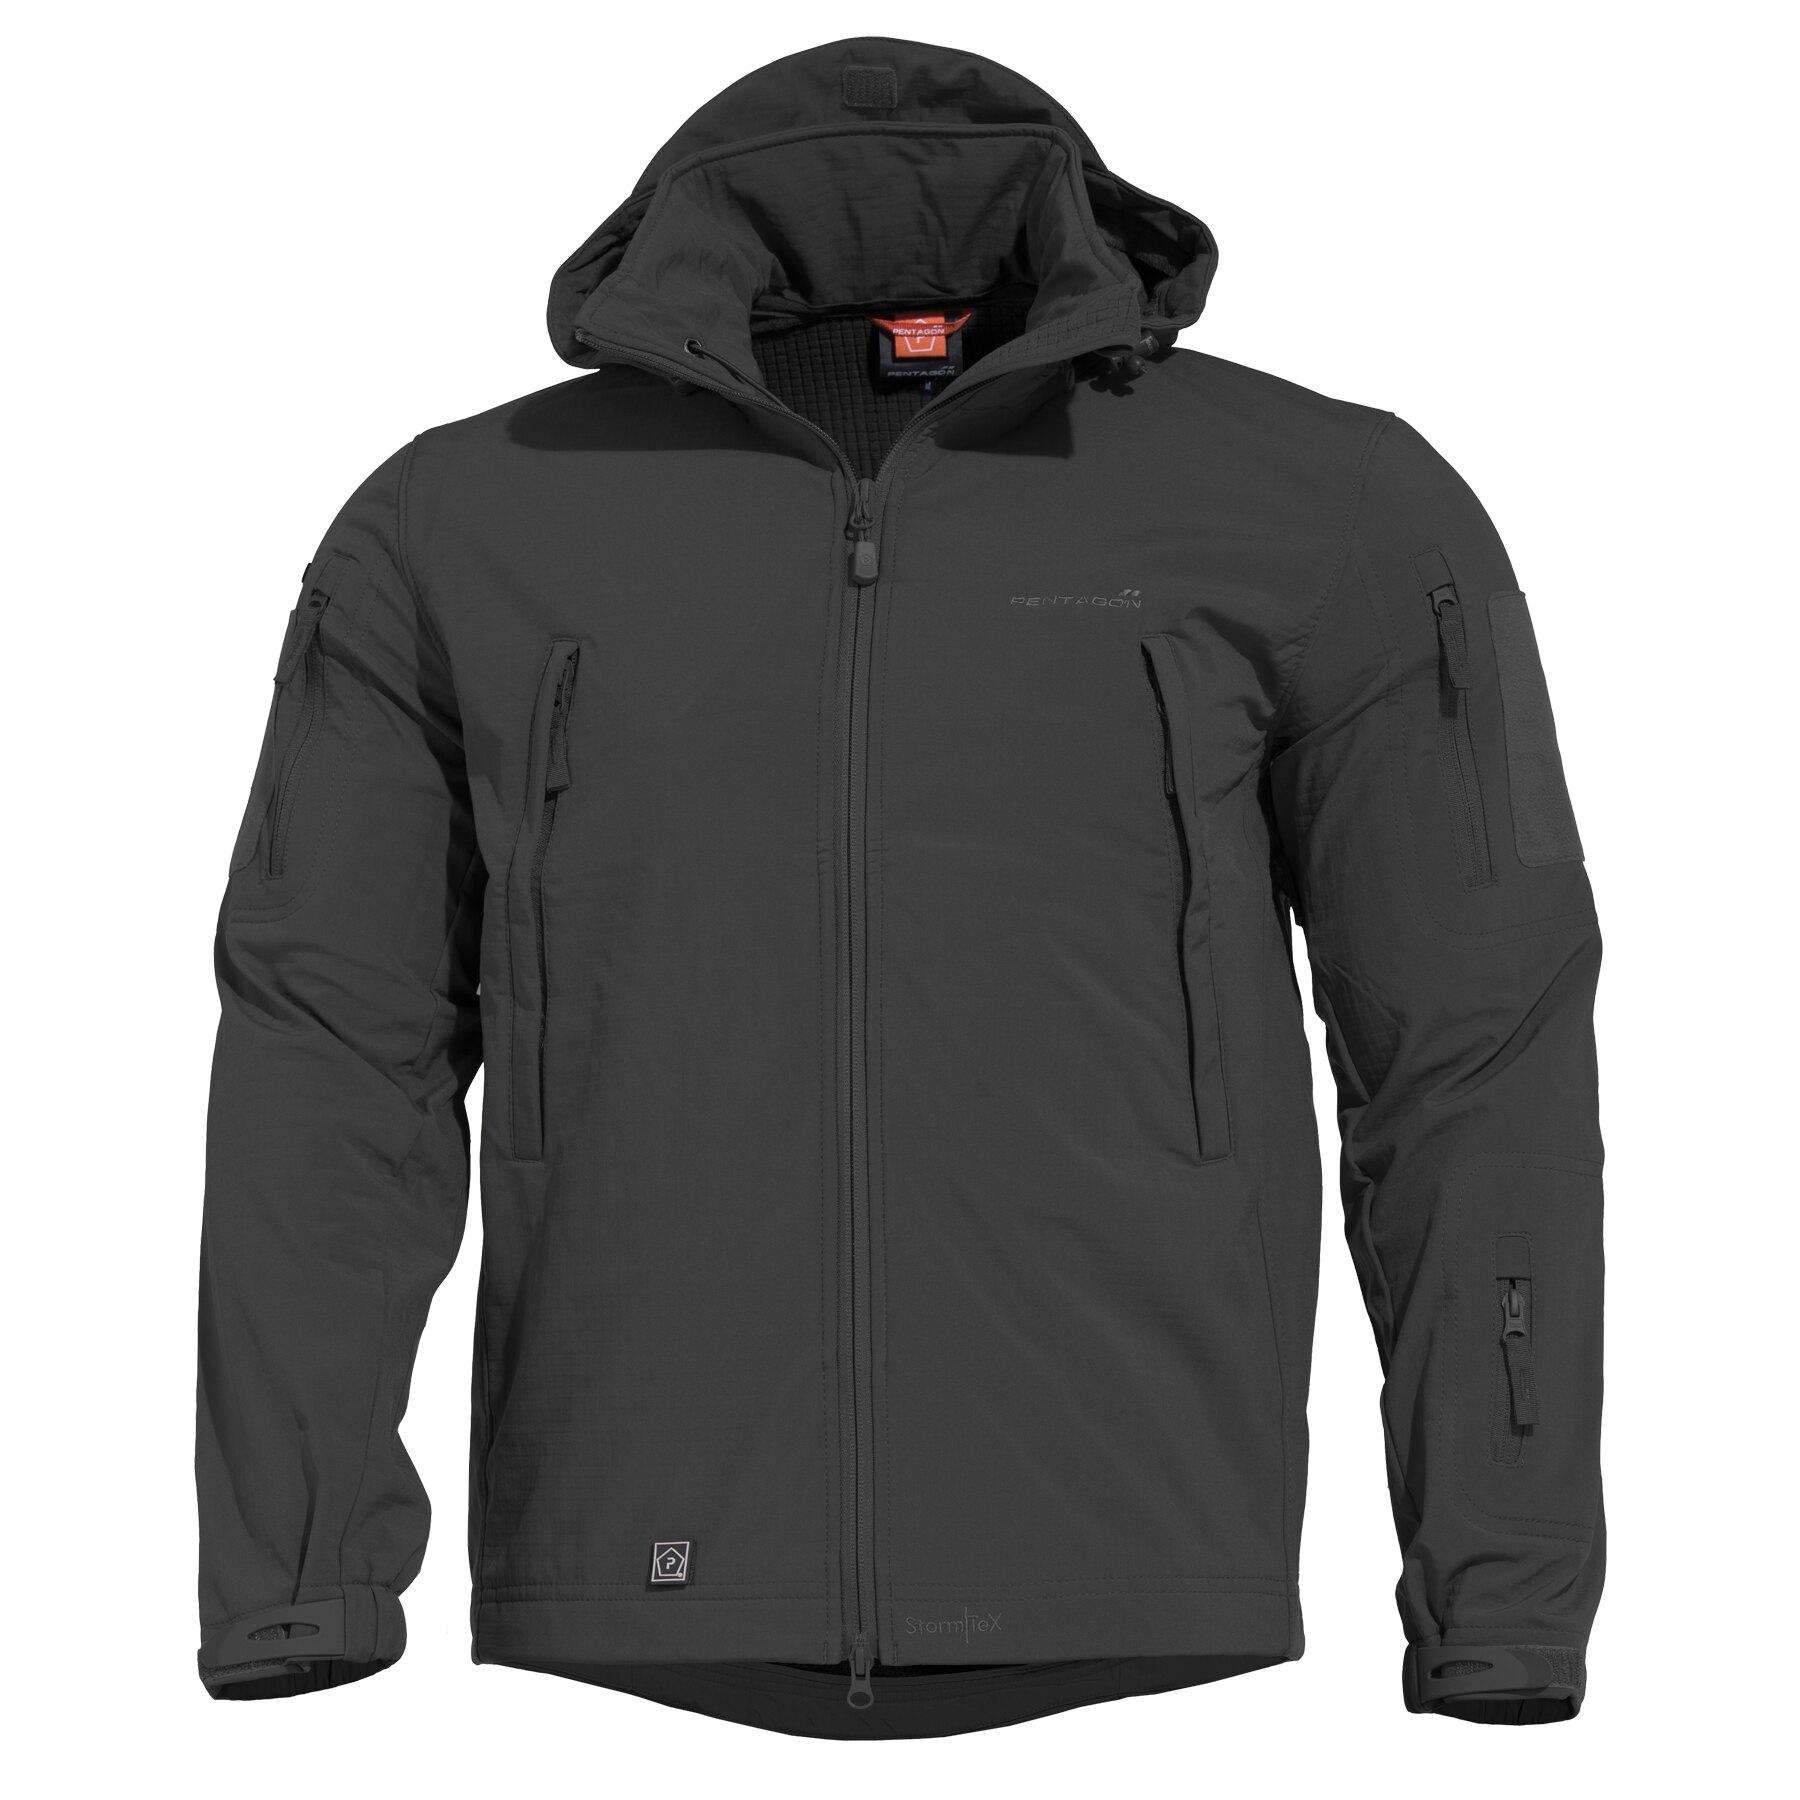 Taktická sofshellová bunda PENTAGON® ARTAXES SF Level IV - čierna (Farba: Čierna, Veľkosť: XXL)